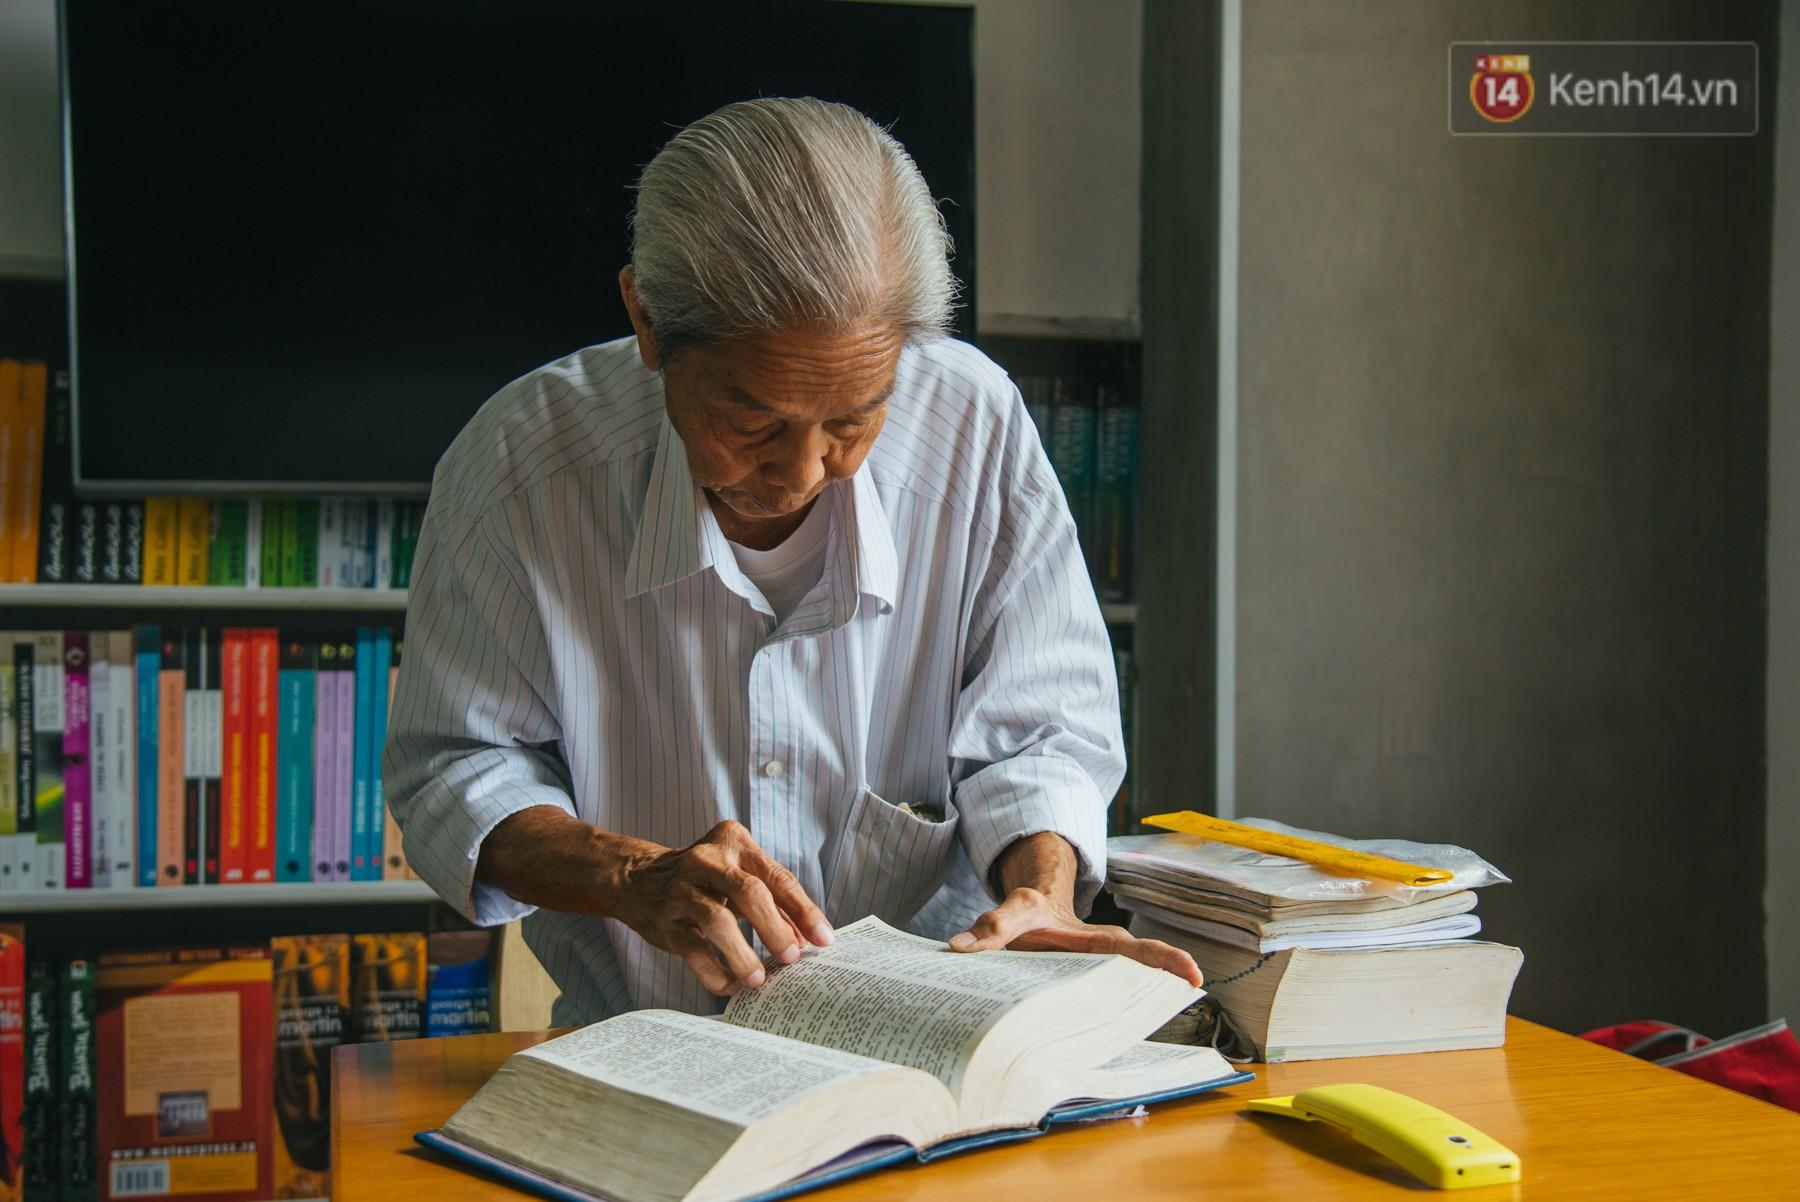 Chuyện ông cụ 77 tuổi ngồi ở thư viện Sài Gòn từ sáng đến tối mịt: Ăn cơm từ thiện, luyện học tiếng Anh - Ảnh 3.